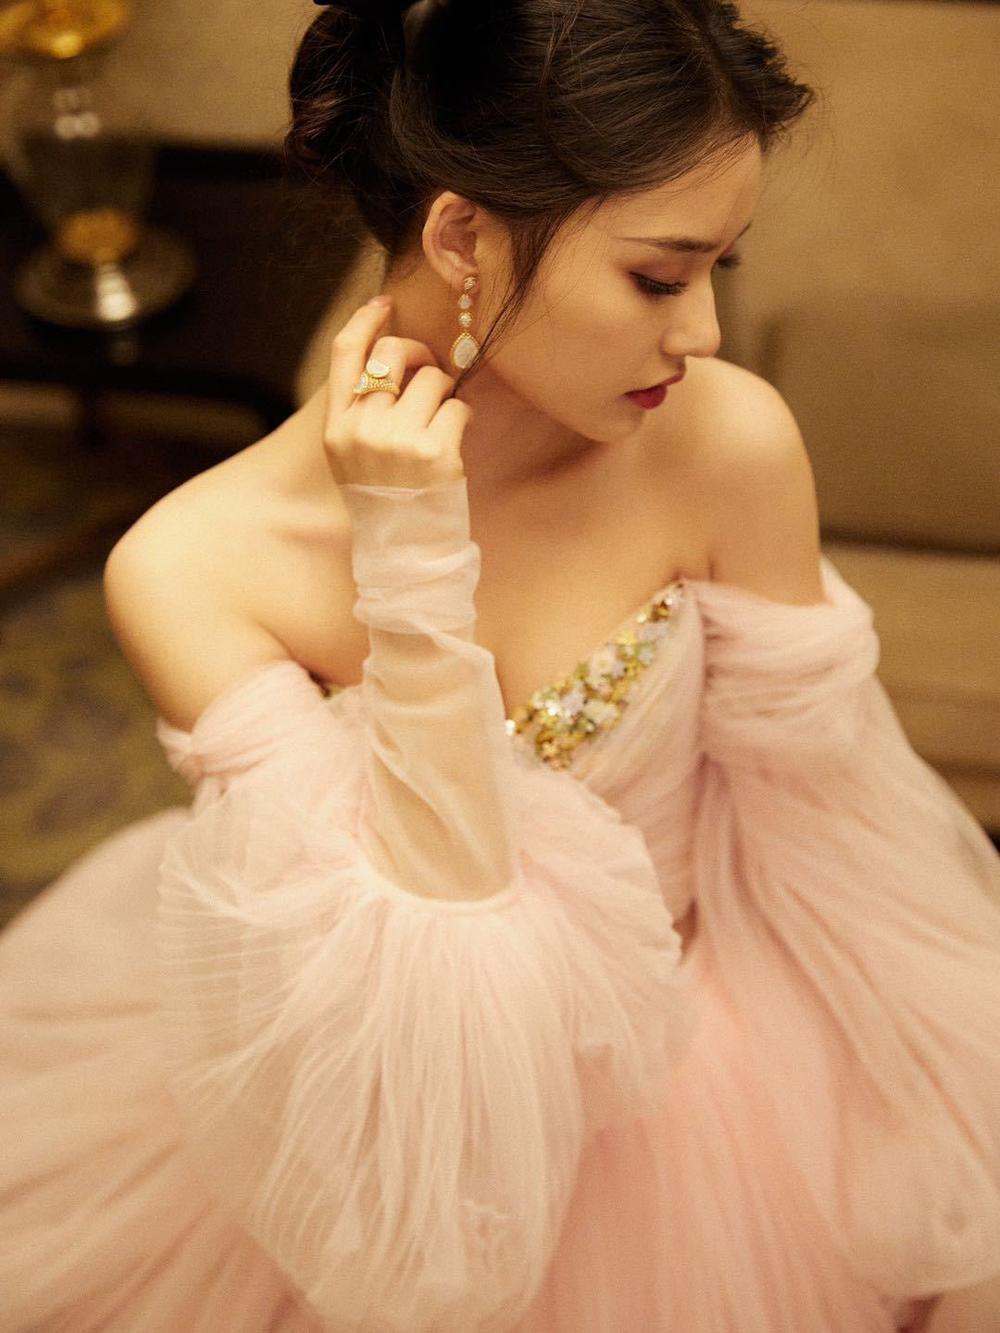 'Đêm hội ELLE 2020': Cận cảnh nhan sắc đẹp nao lòng của Dương Mịch, Cổ Lực Na Trát, Đường Yên và loạt sao Cbiz Ảnh 83